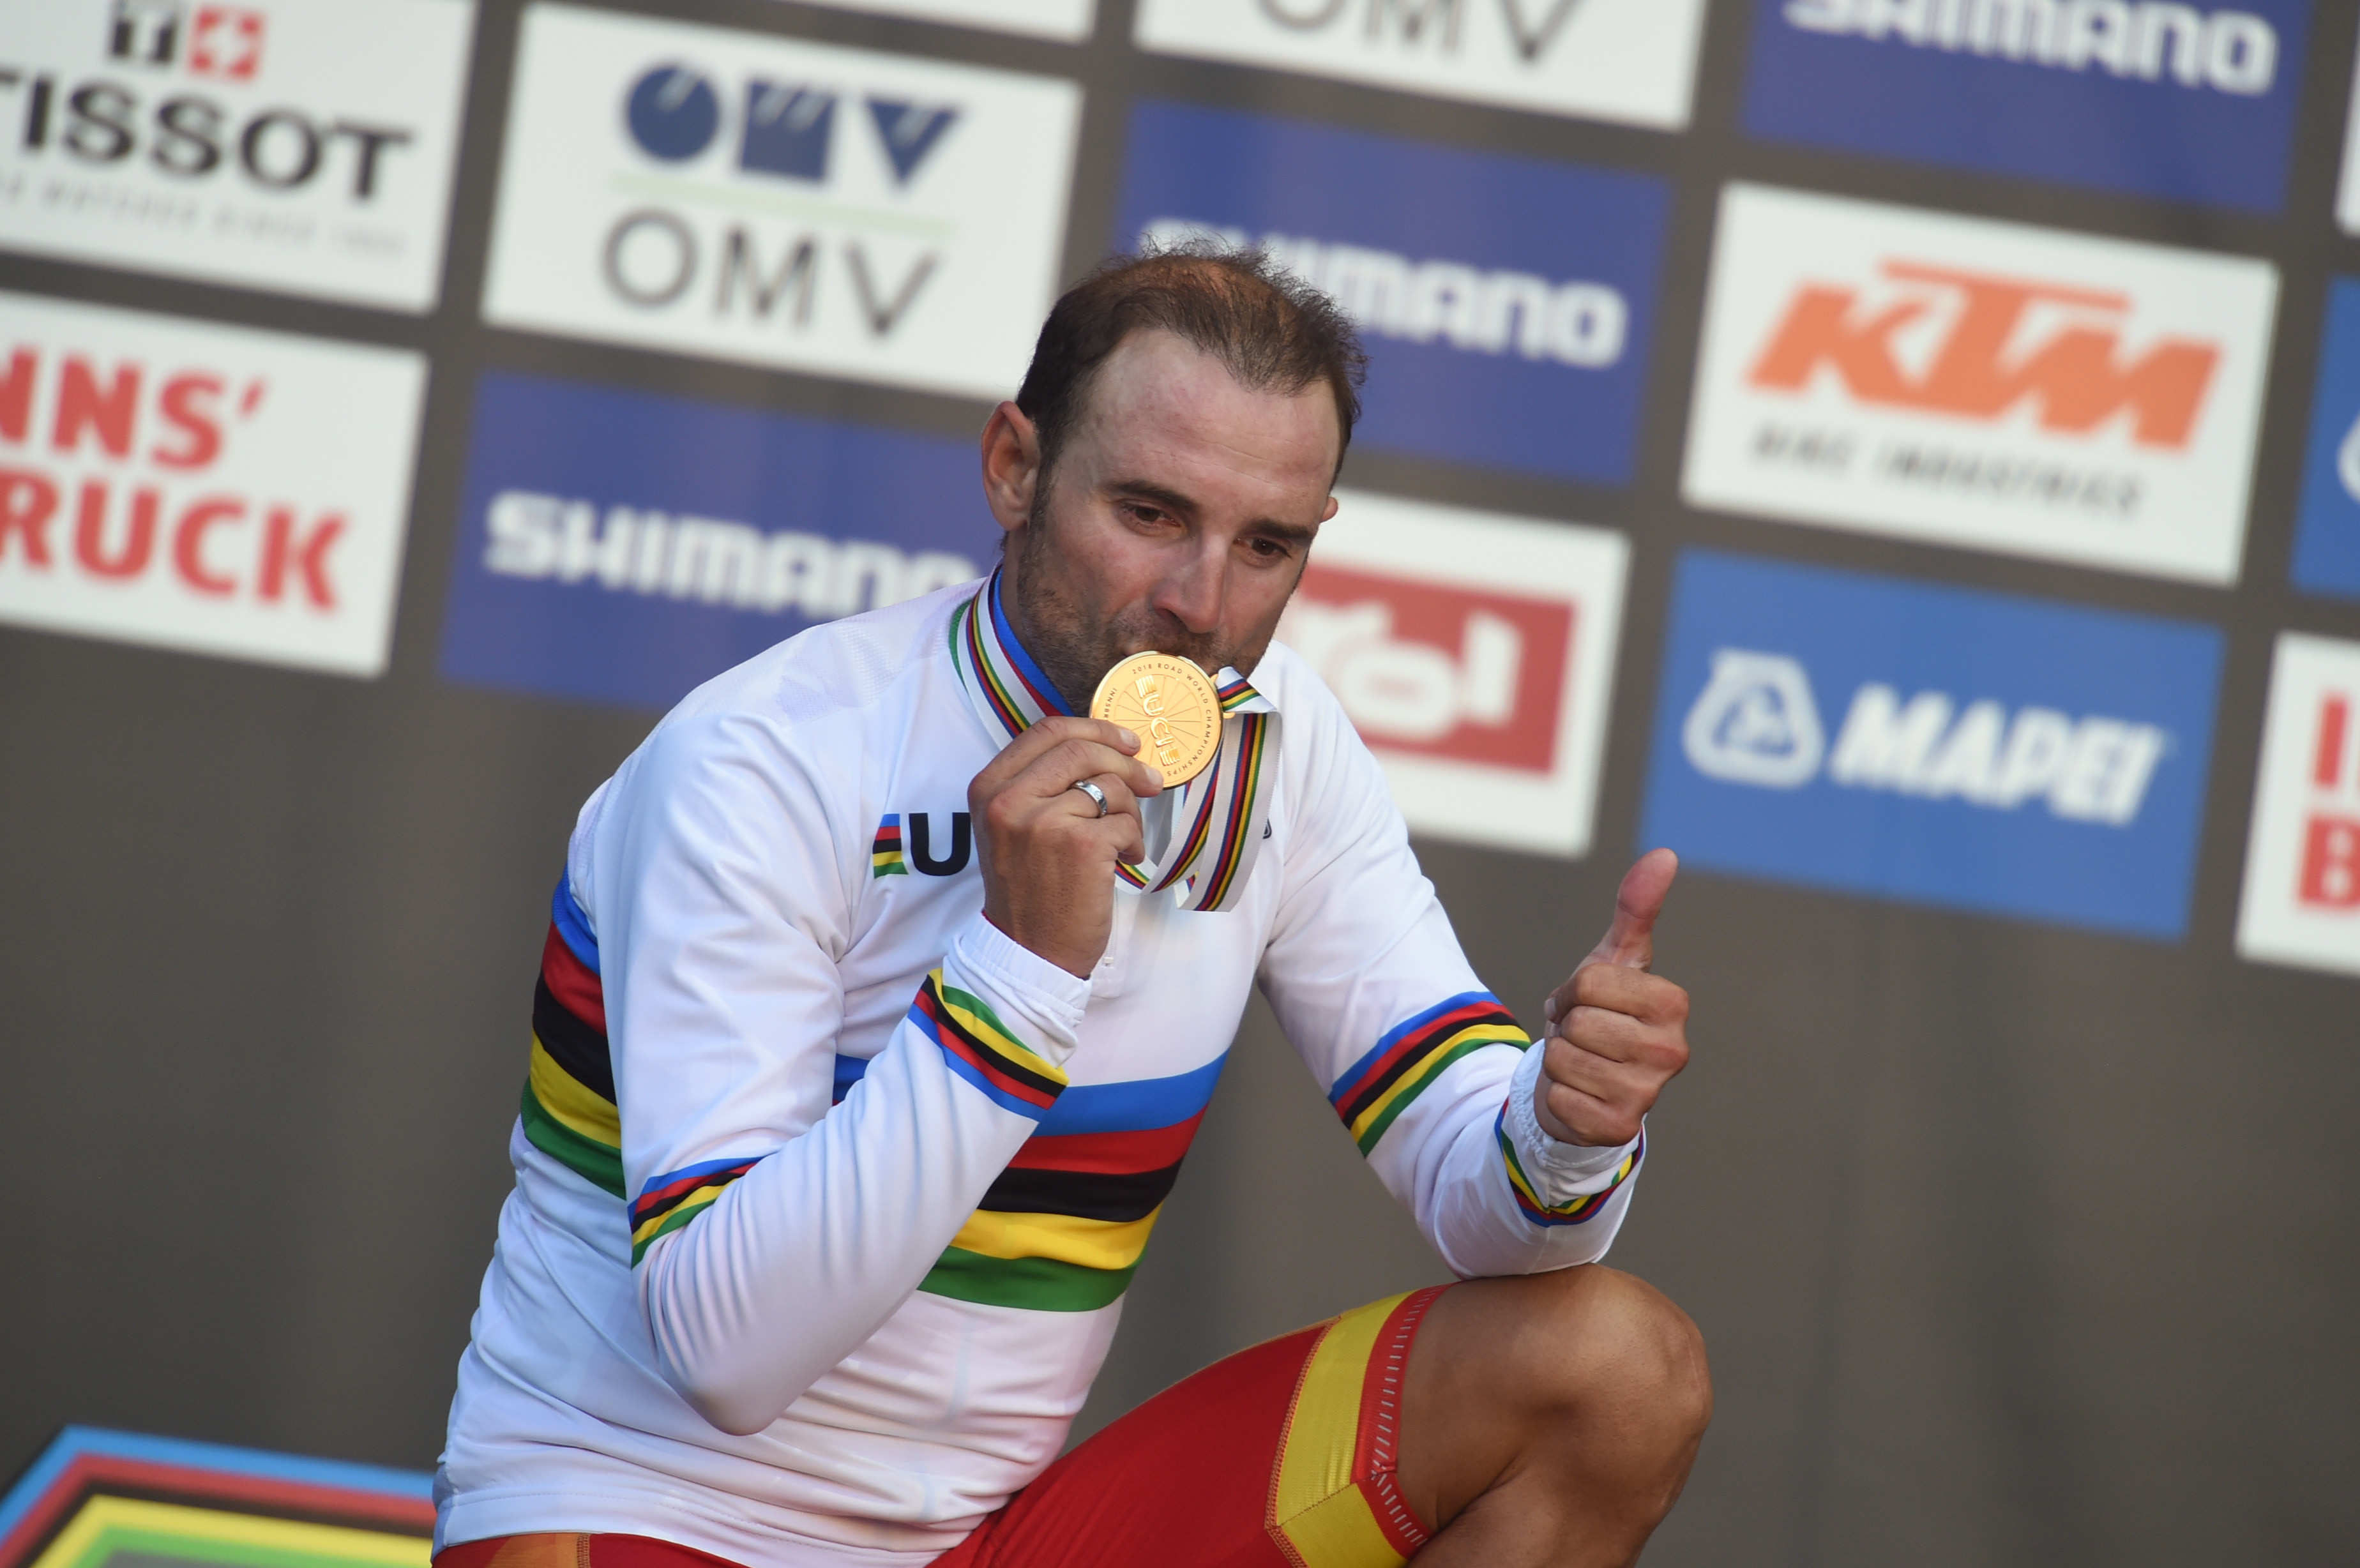 Valverde: Zdaj se lahko zadovoljen upokojim